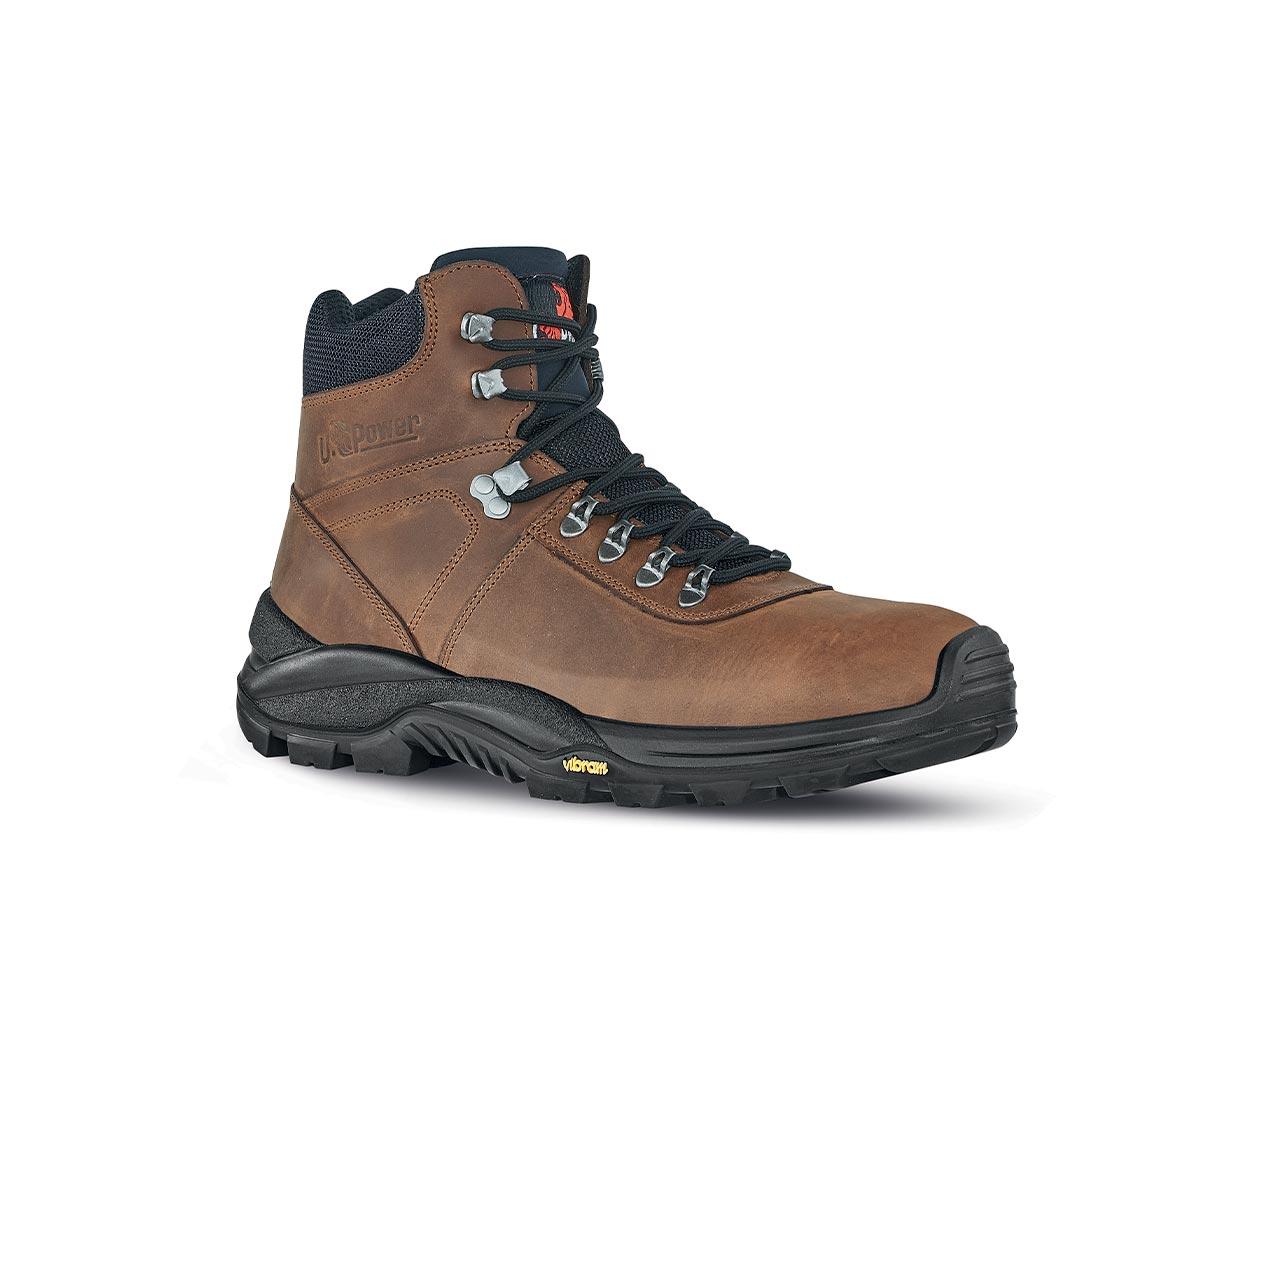 scarpa antinfortunistica upower modello trail linea conceptm vista laterale